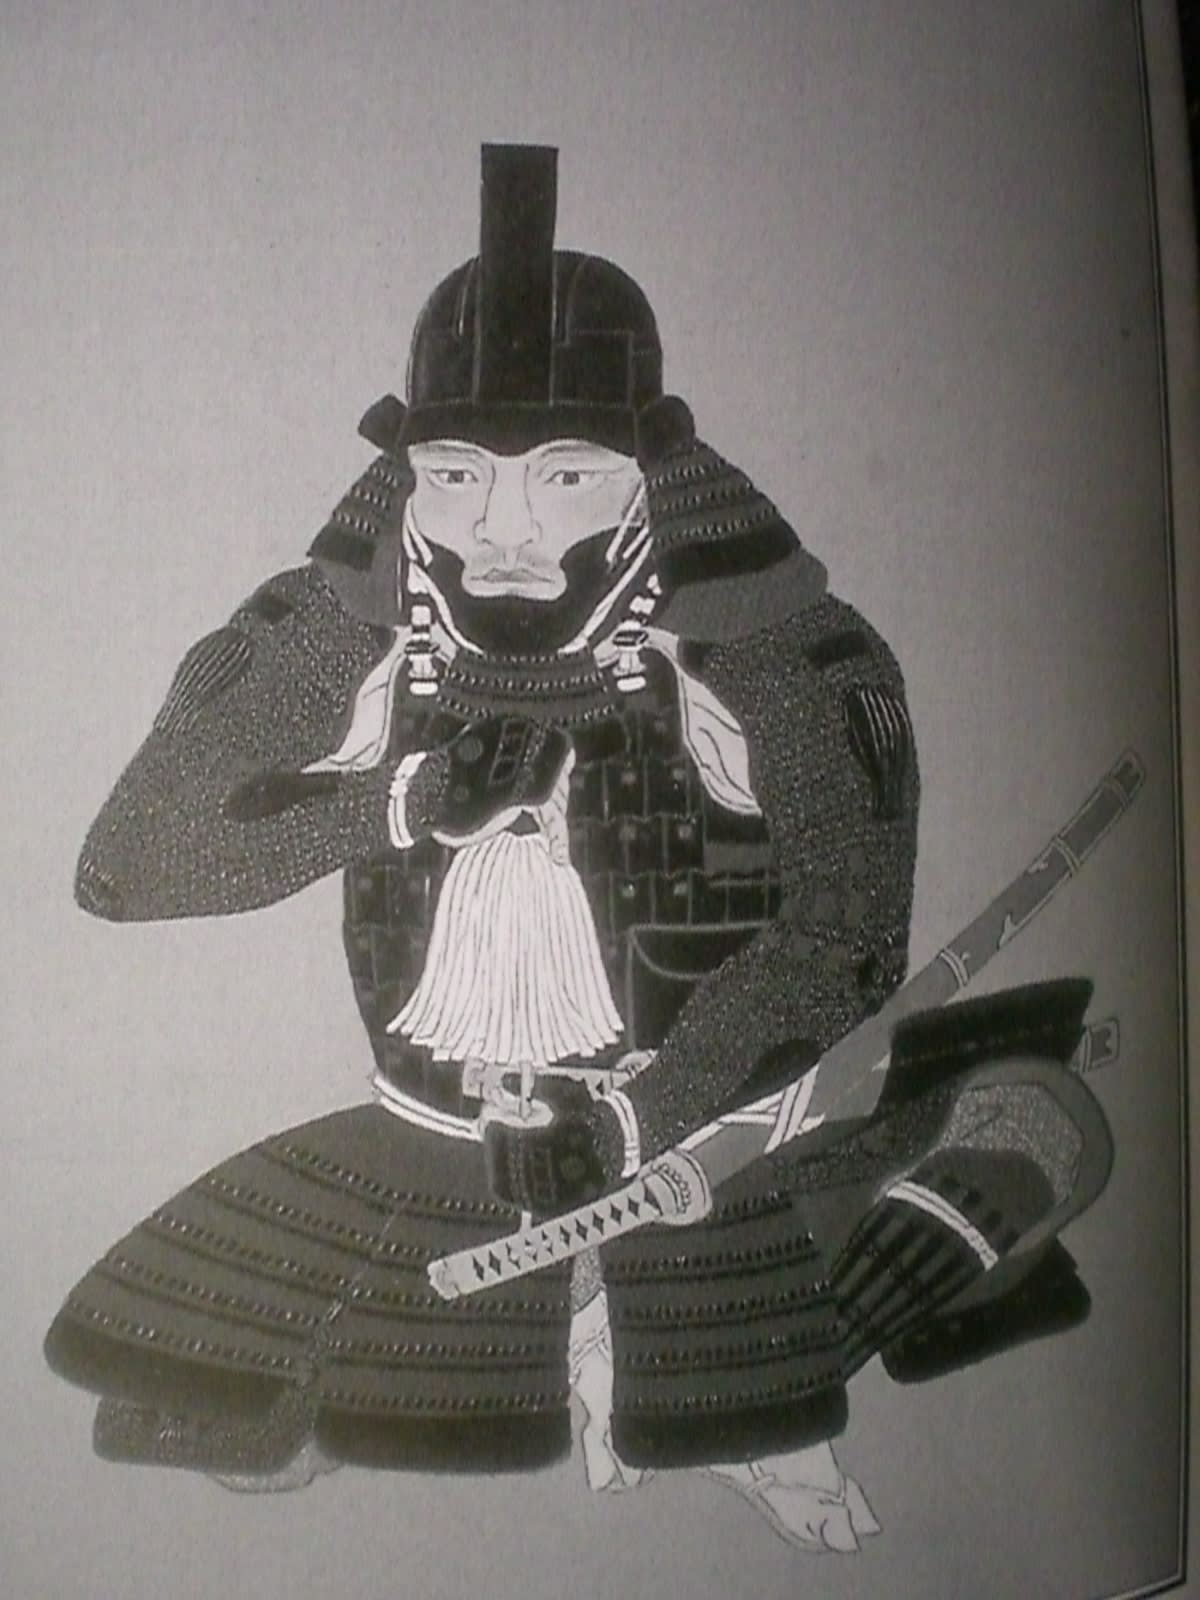 黒田八虎・黒田図書助直之(1564~1609) - 中津 黒田武士顕彰会 ブログ ログイン ラン